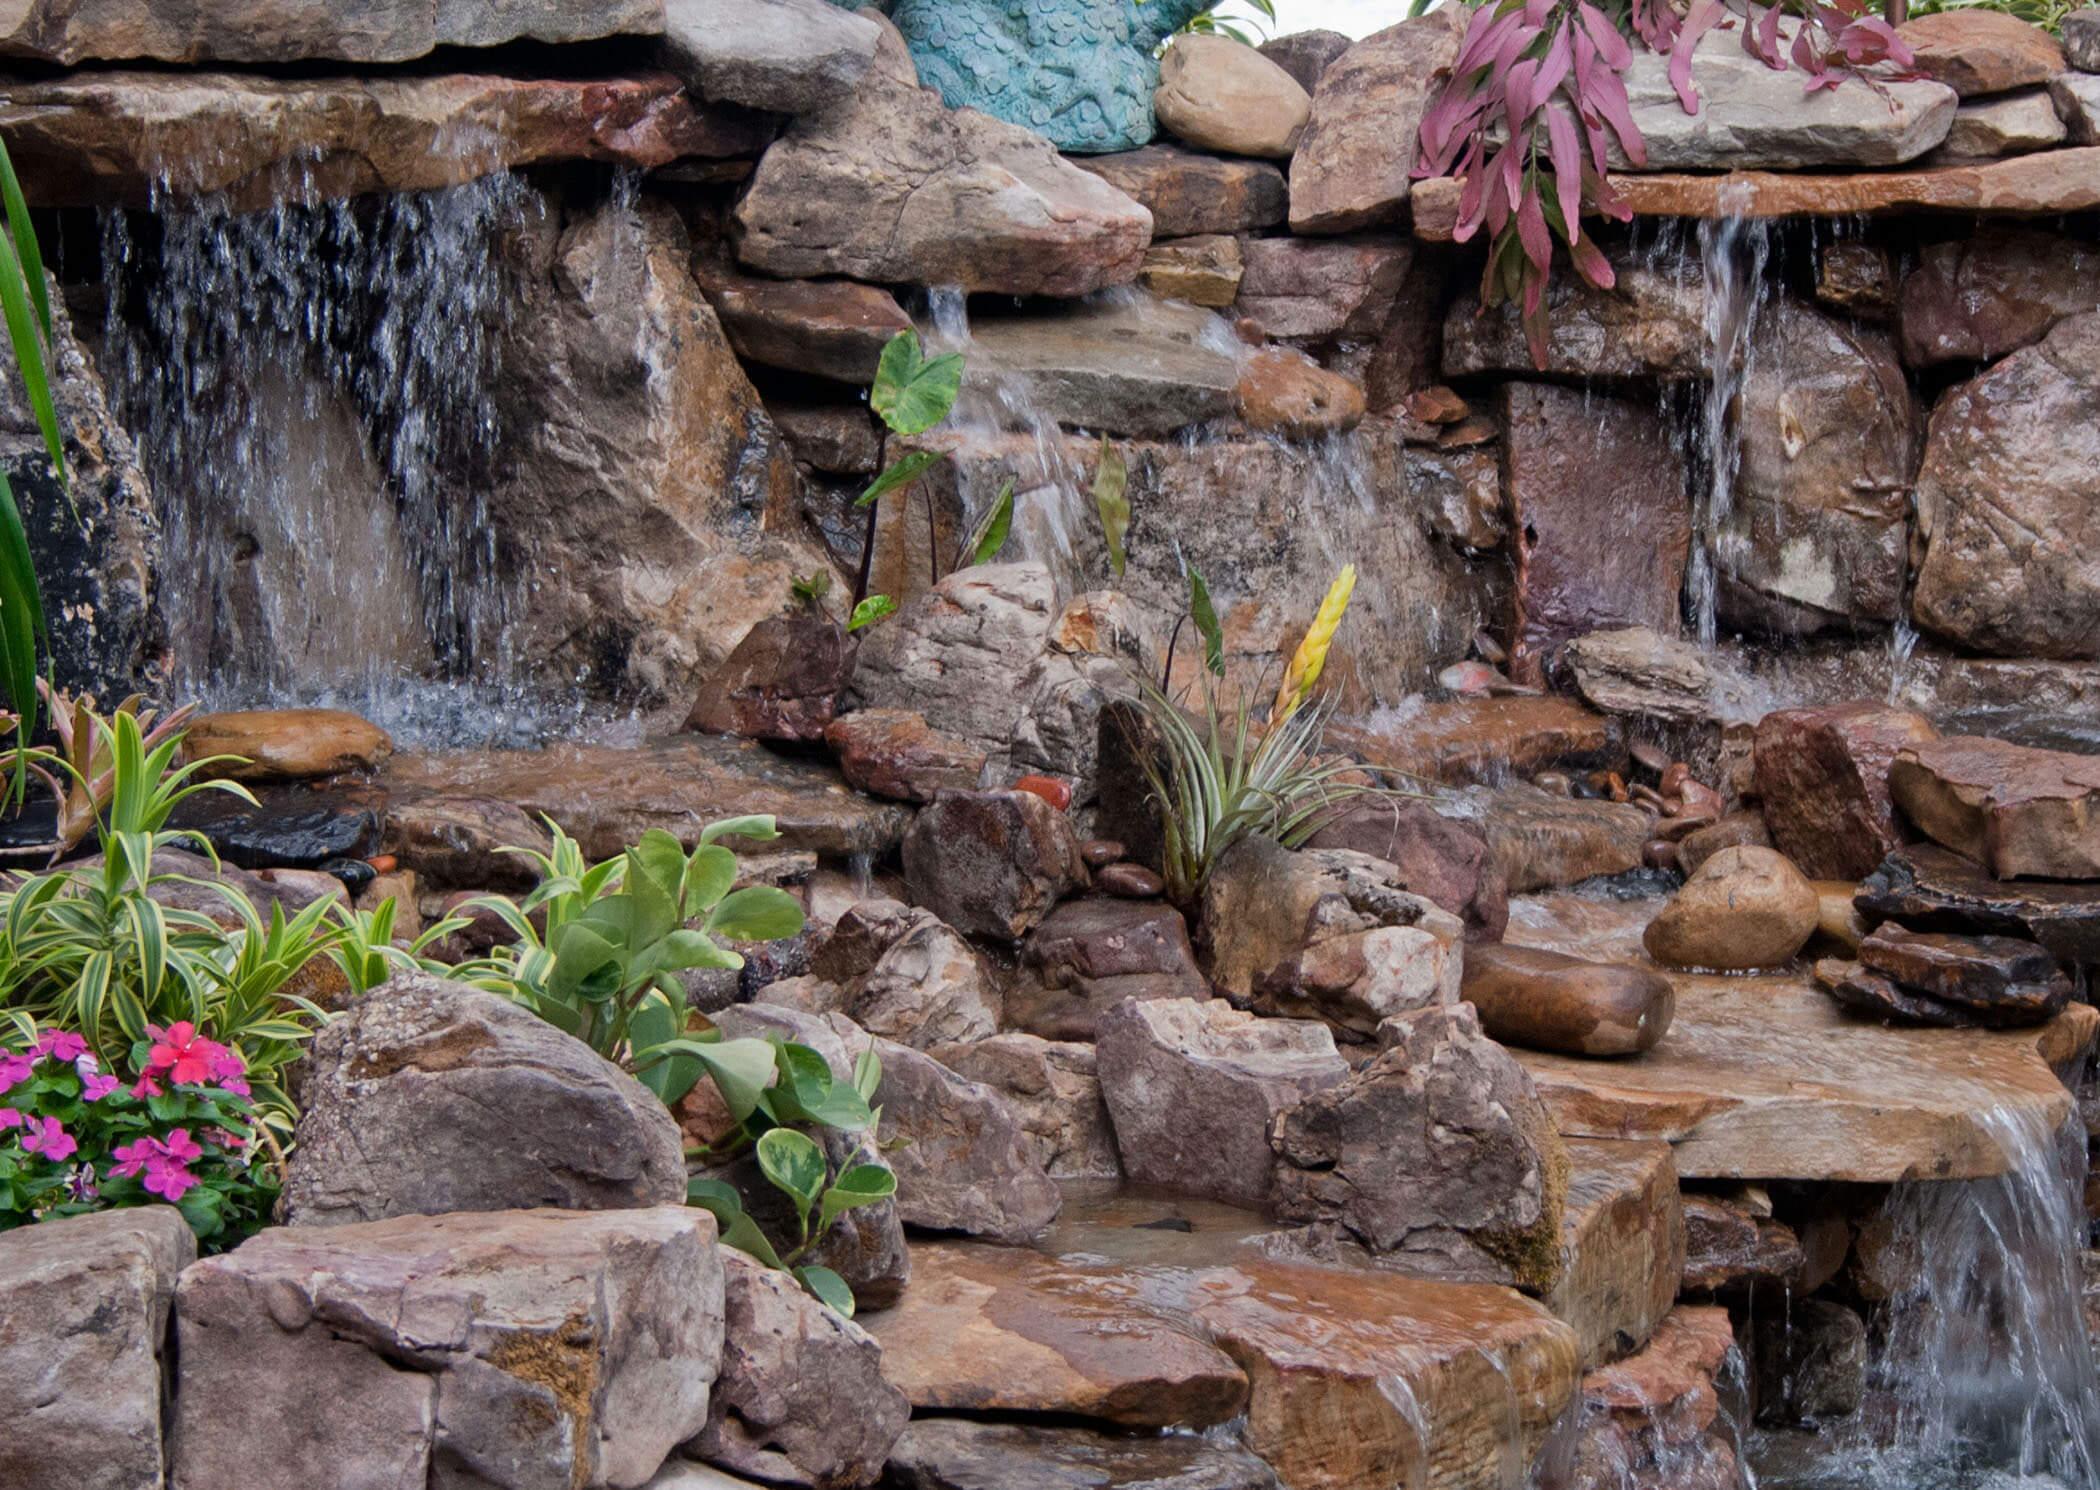 آبنما آبشاری داخلی | فروشگاه اینترنتی آریا شاپ - مرجع خرید آبنما